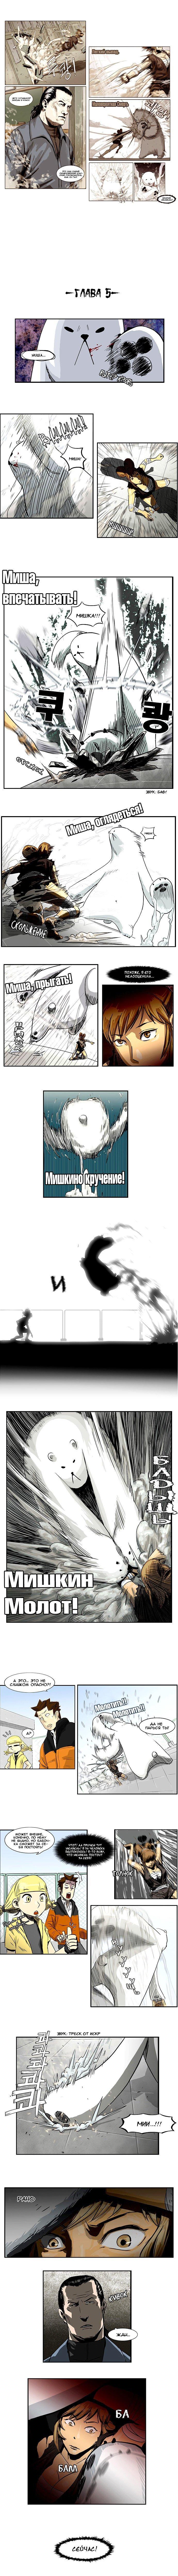 Манга Супер адская школа боевых искусств - Глава 5 Страница 1